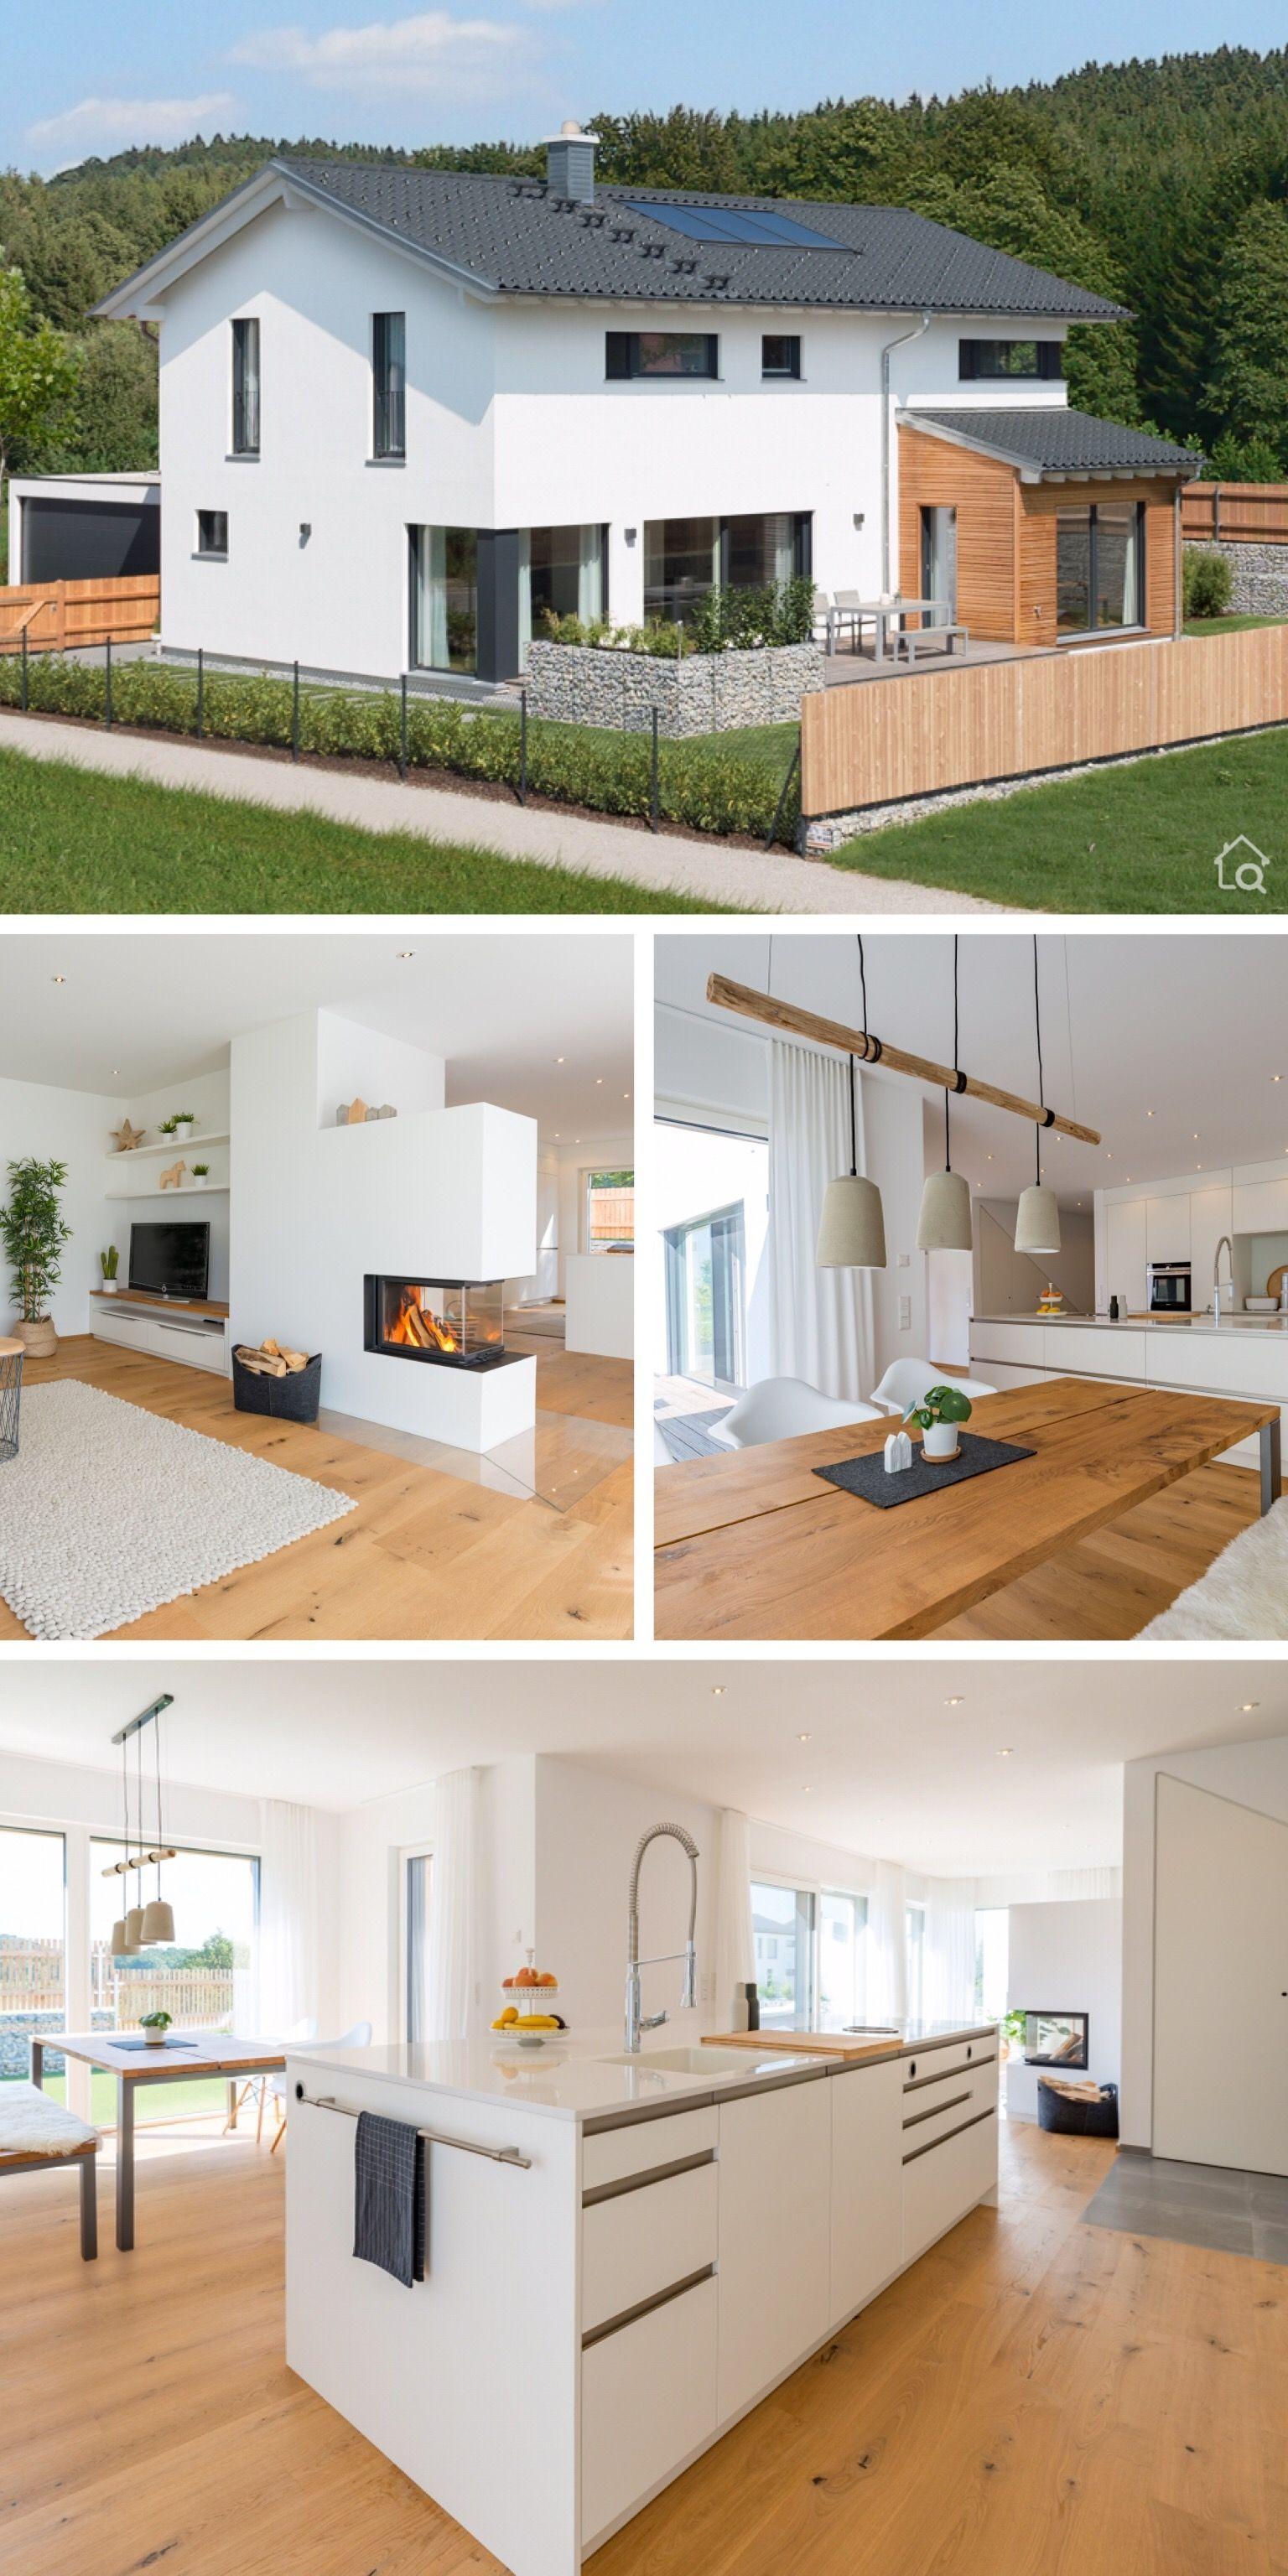 Einfamilienhaus ÖKOHAUS HERB mit Garage - Baufritz | HausbauDirekt.de